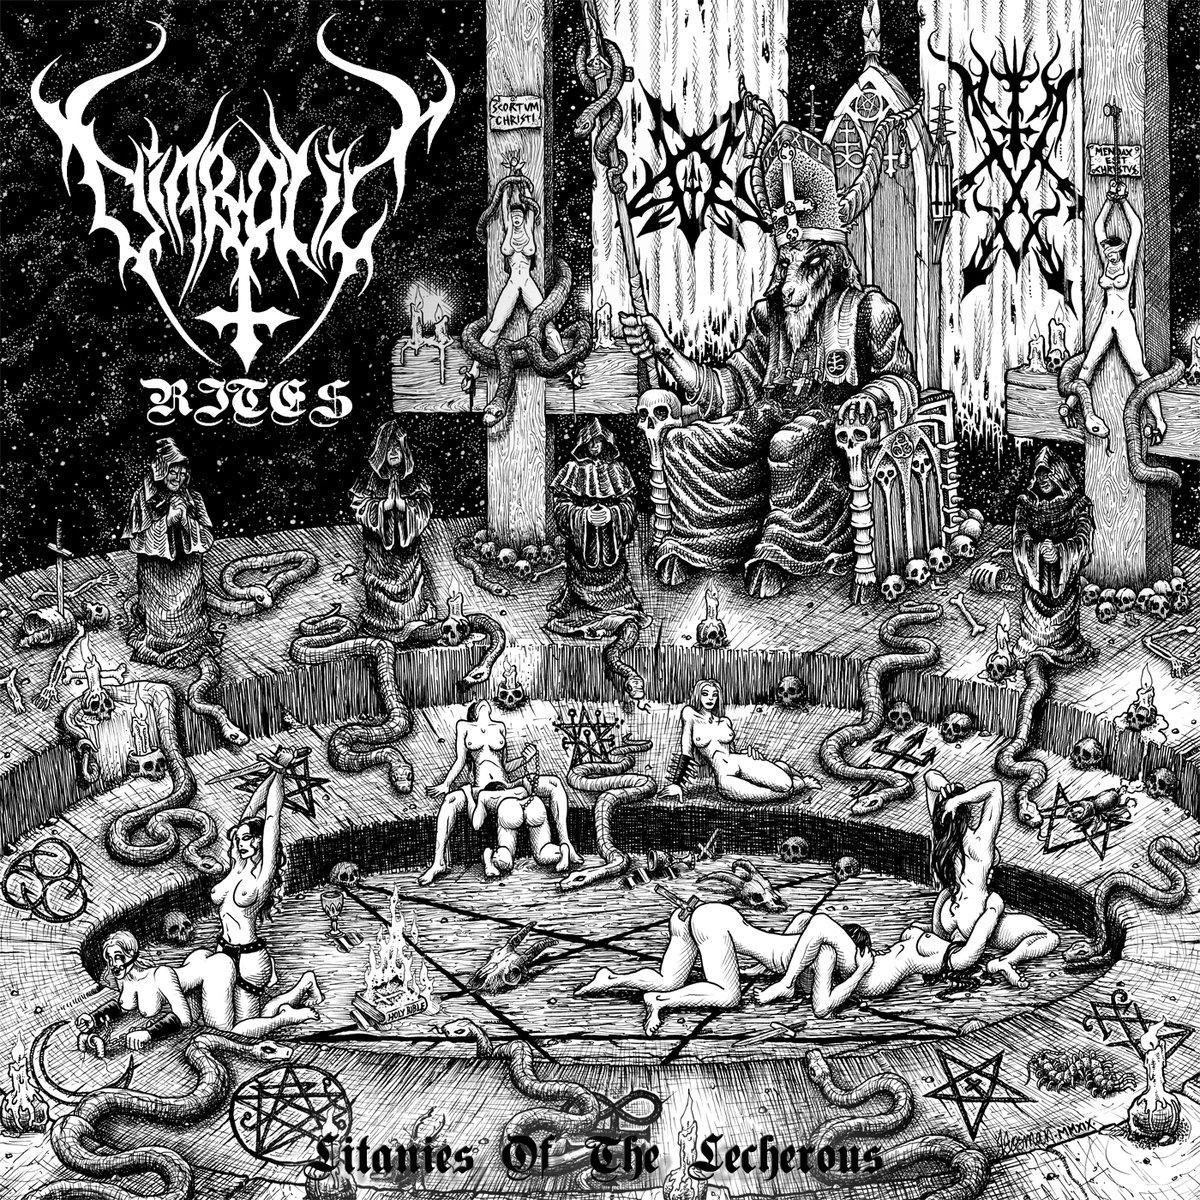 Diabolic Rites - Infernal sacrificial Horror